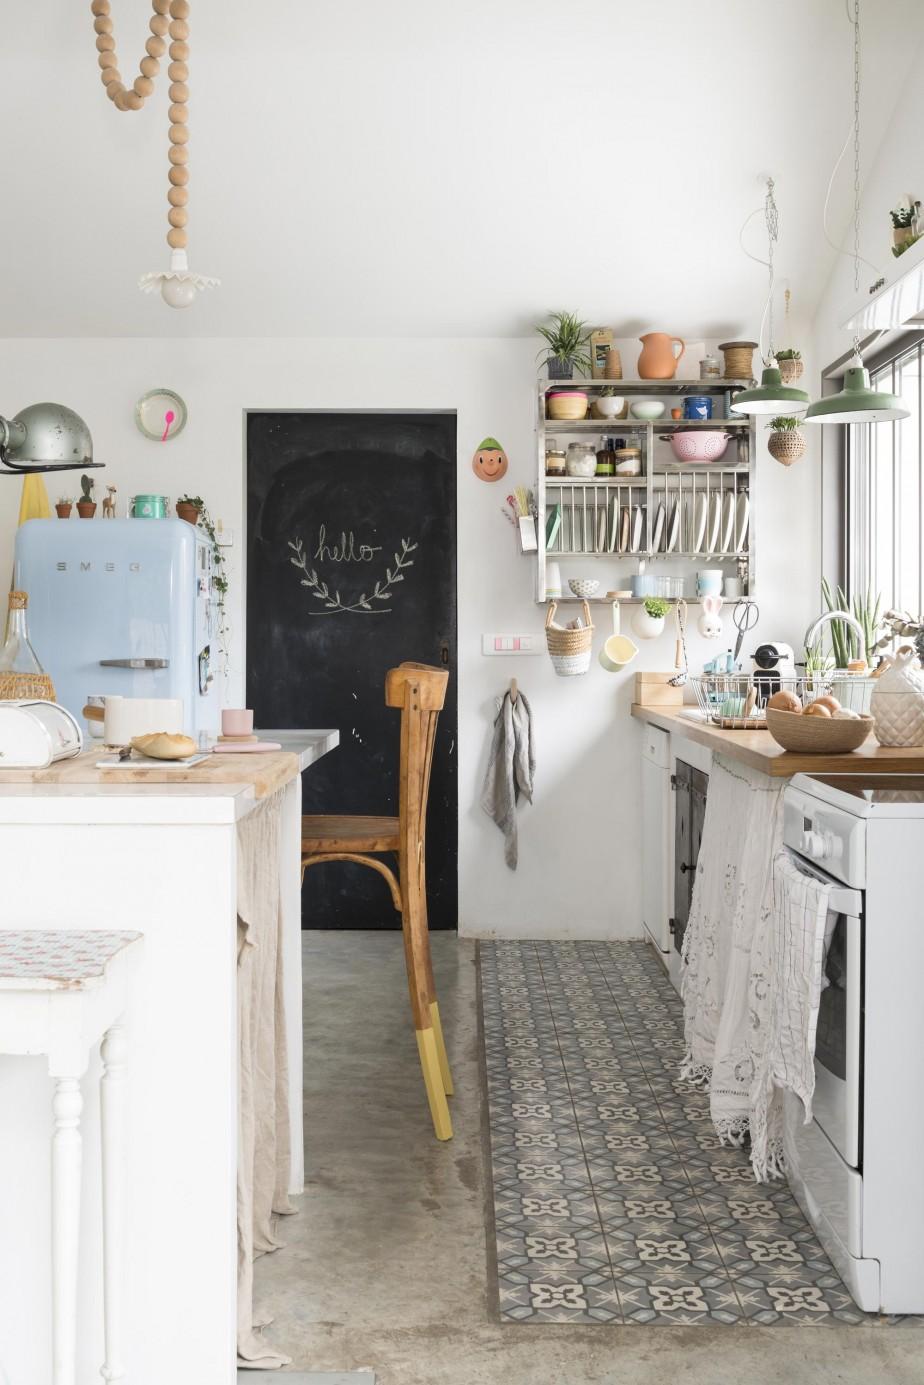 Une jolie déco pour cette cuisine familiale authentique et délicieusement rétro. Retrouvez toutes les photos de cet intérieur dans l'article.